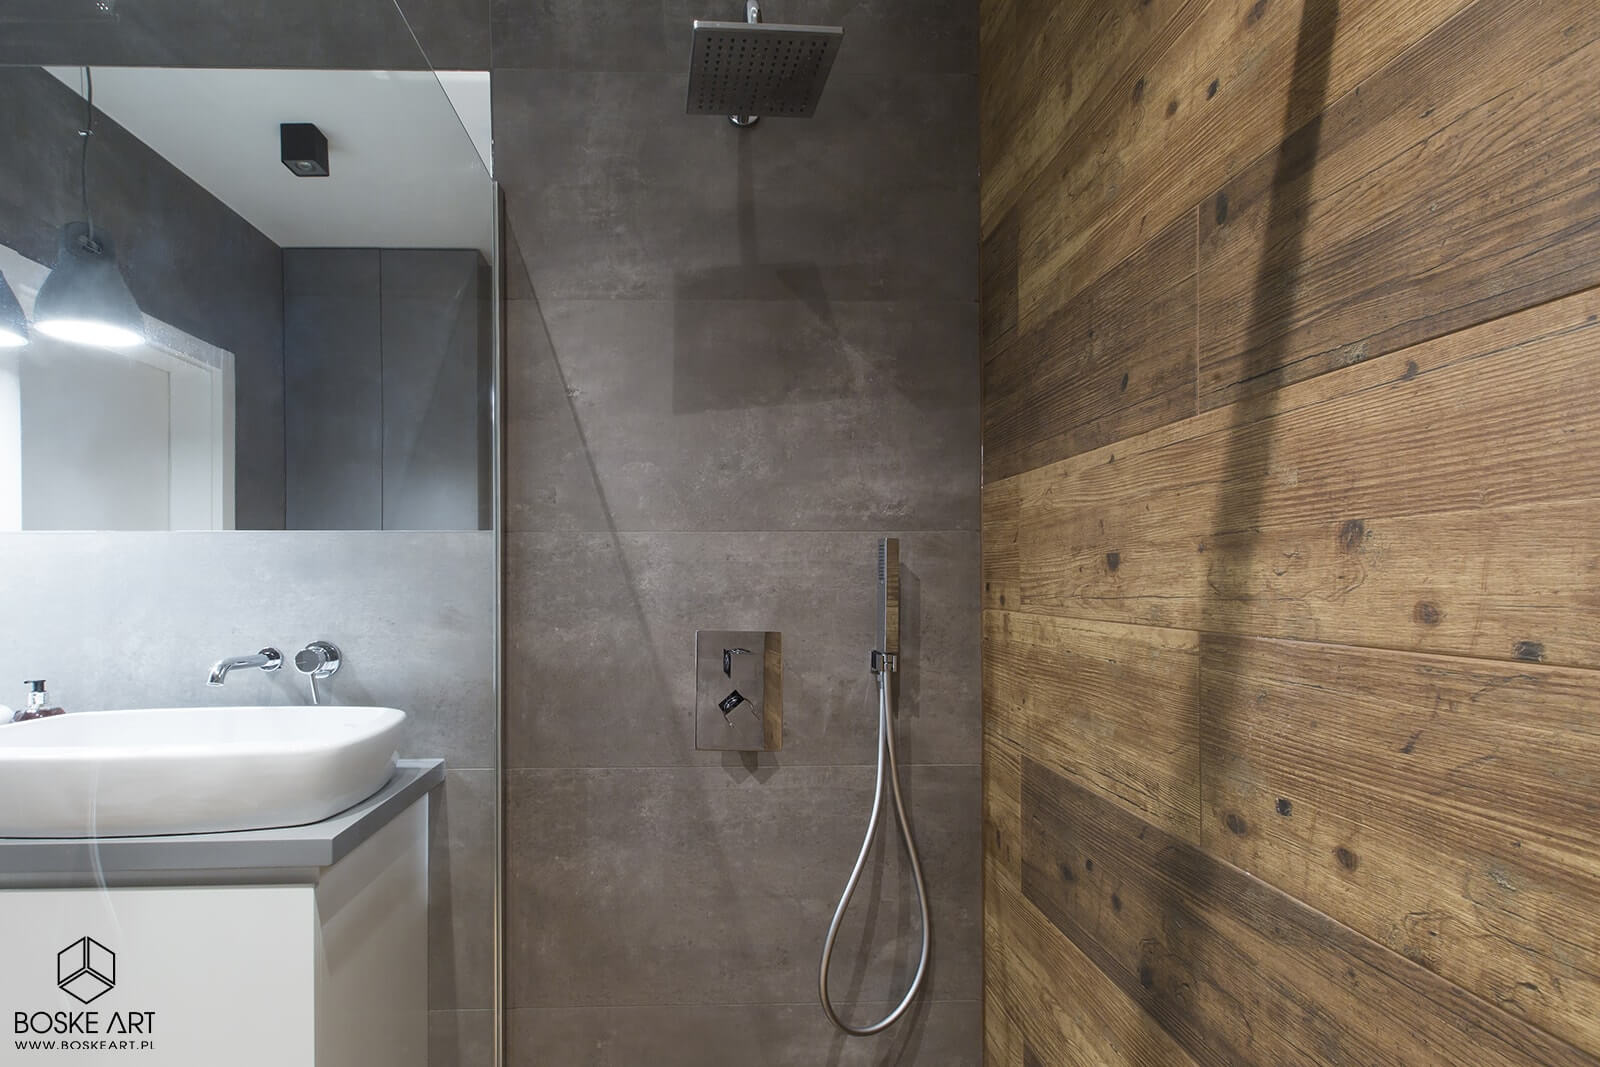 13_apartamenty_na_wynajem_poznan_boske_art_projektowanie_aranzacja_architektura_wnetrz_natalia_robaszkeiwicz-min